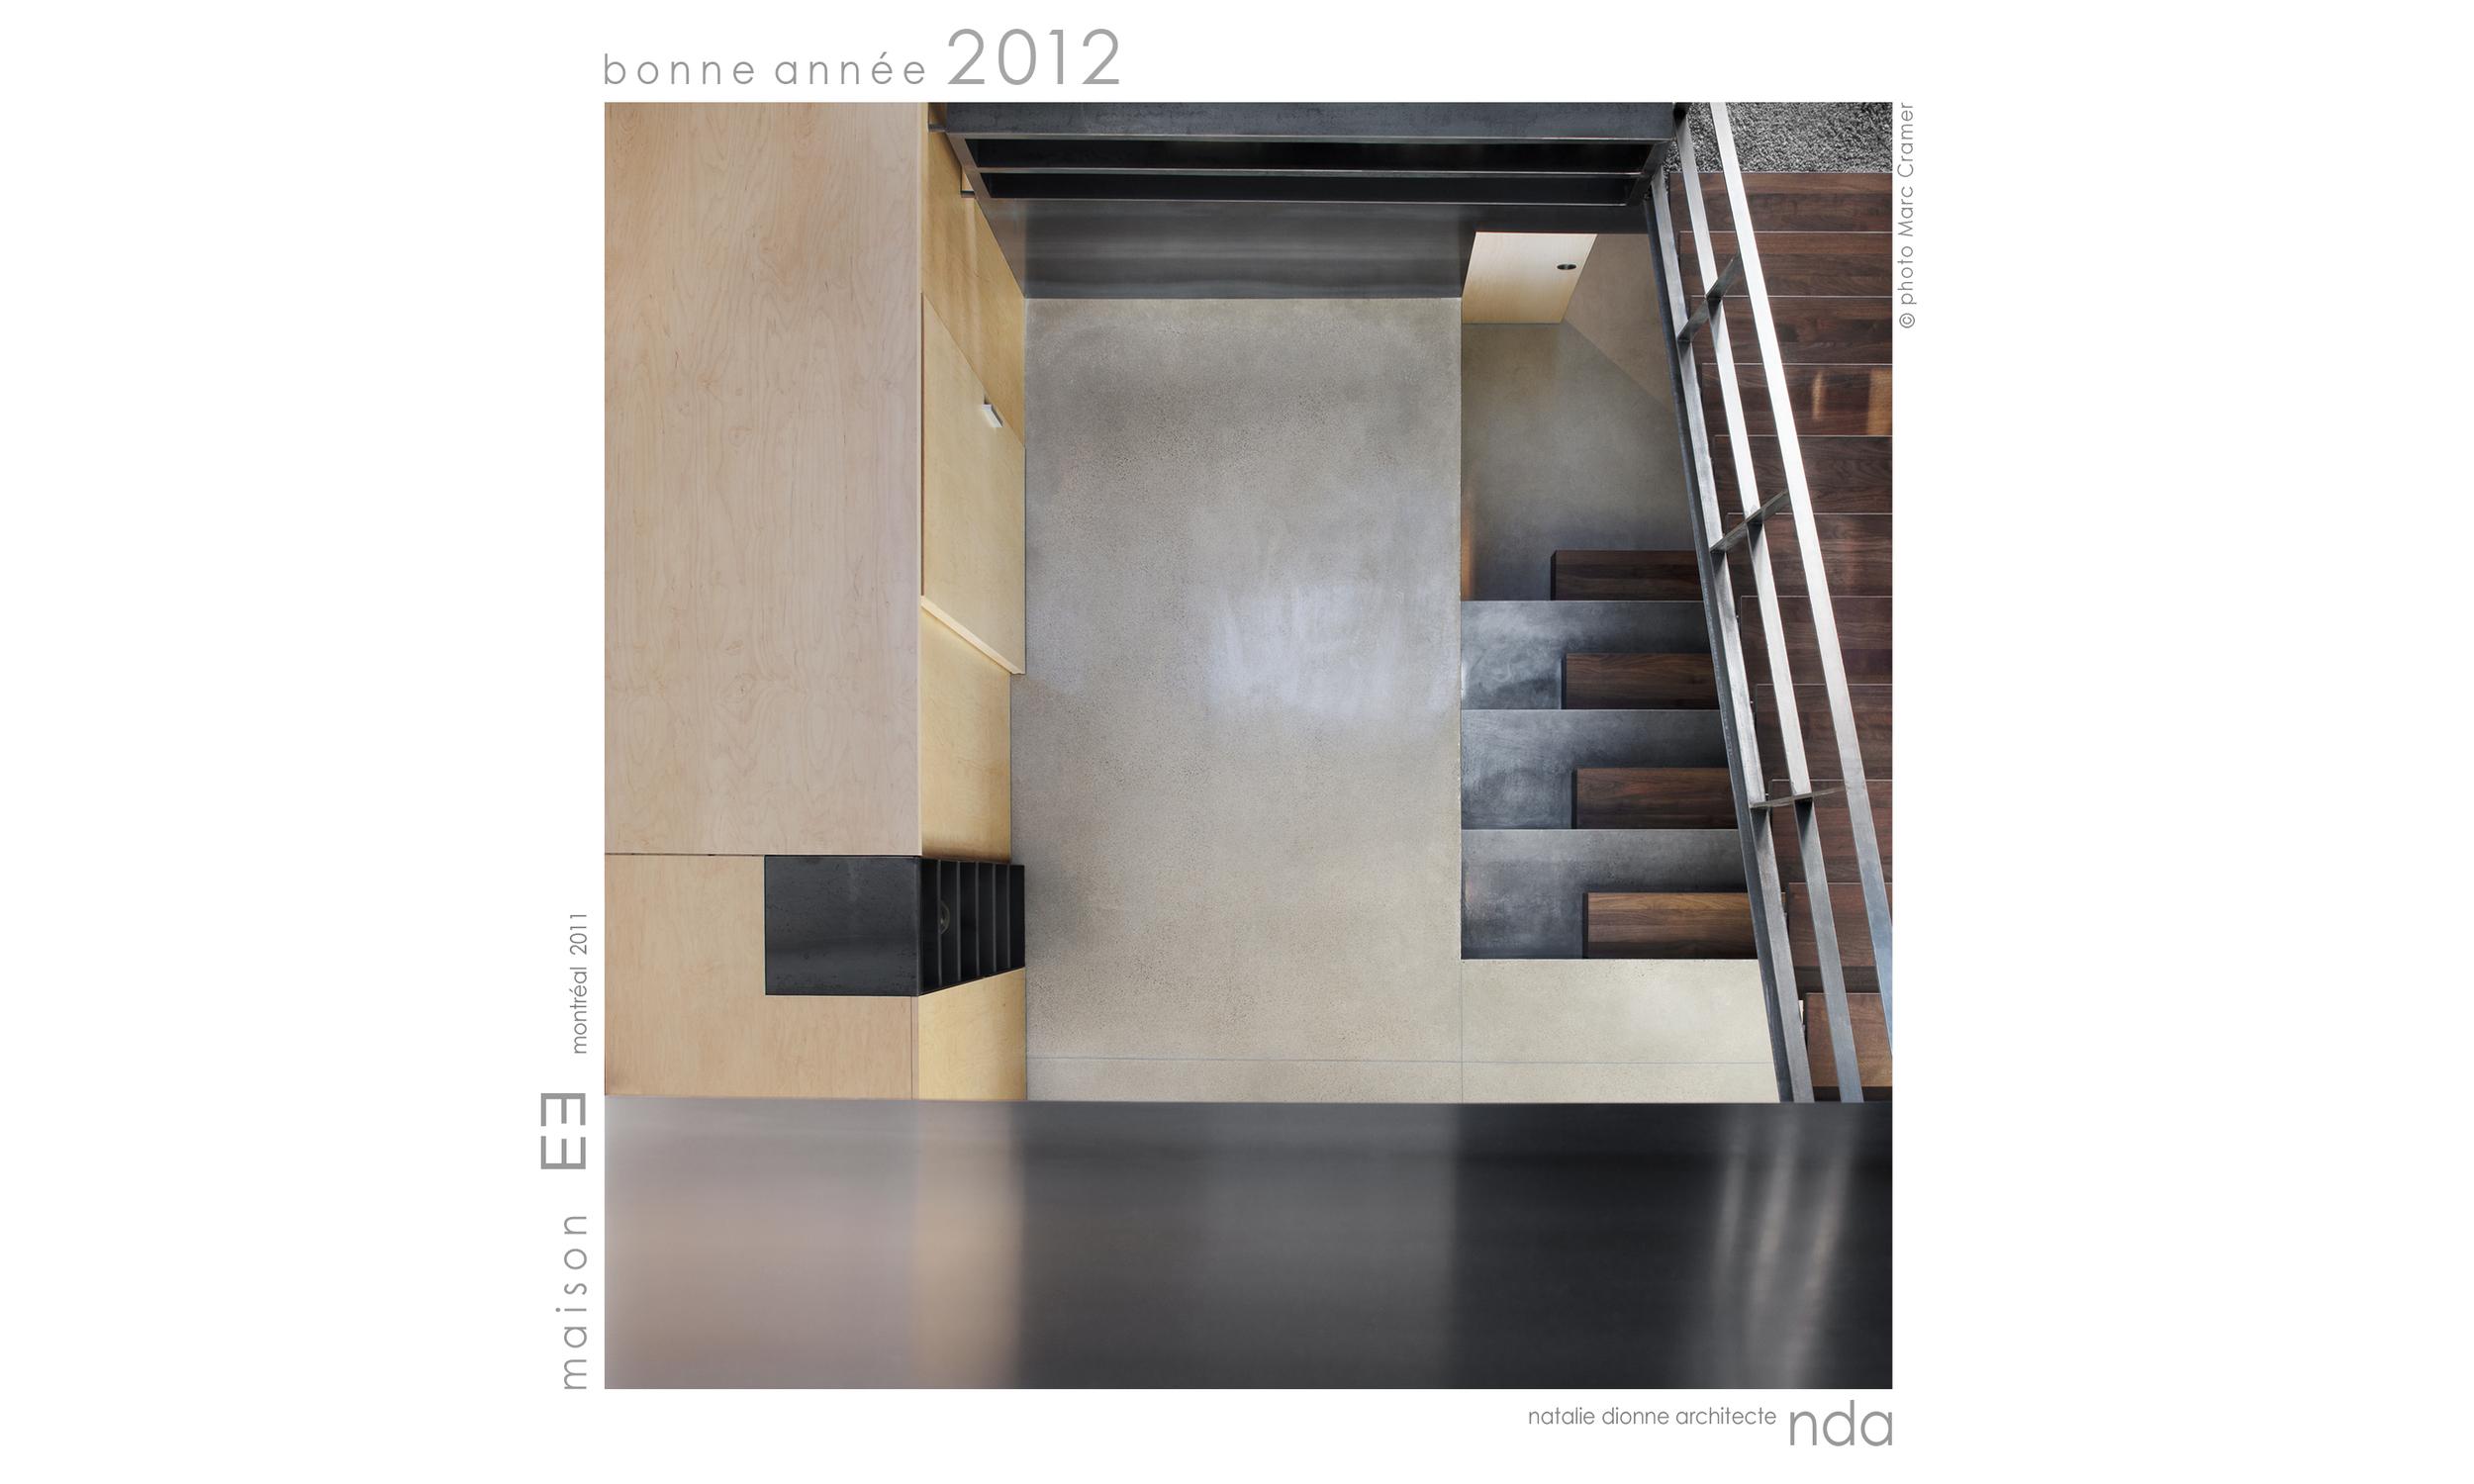 Carte bonne année 2012 finale.jpg